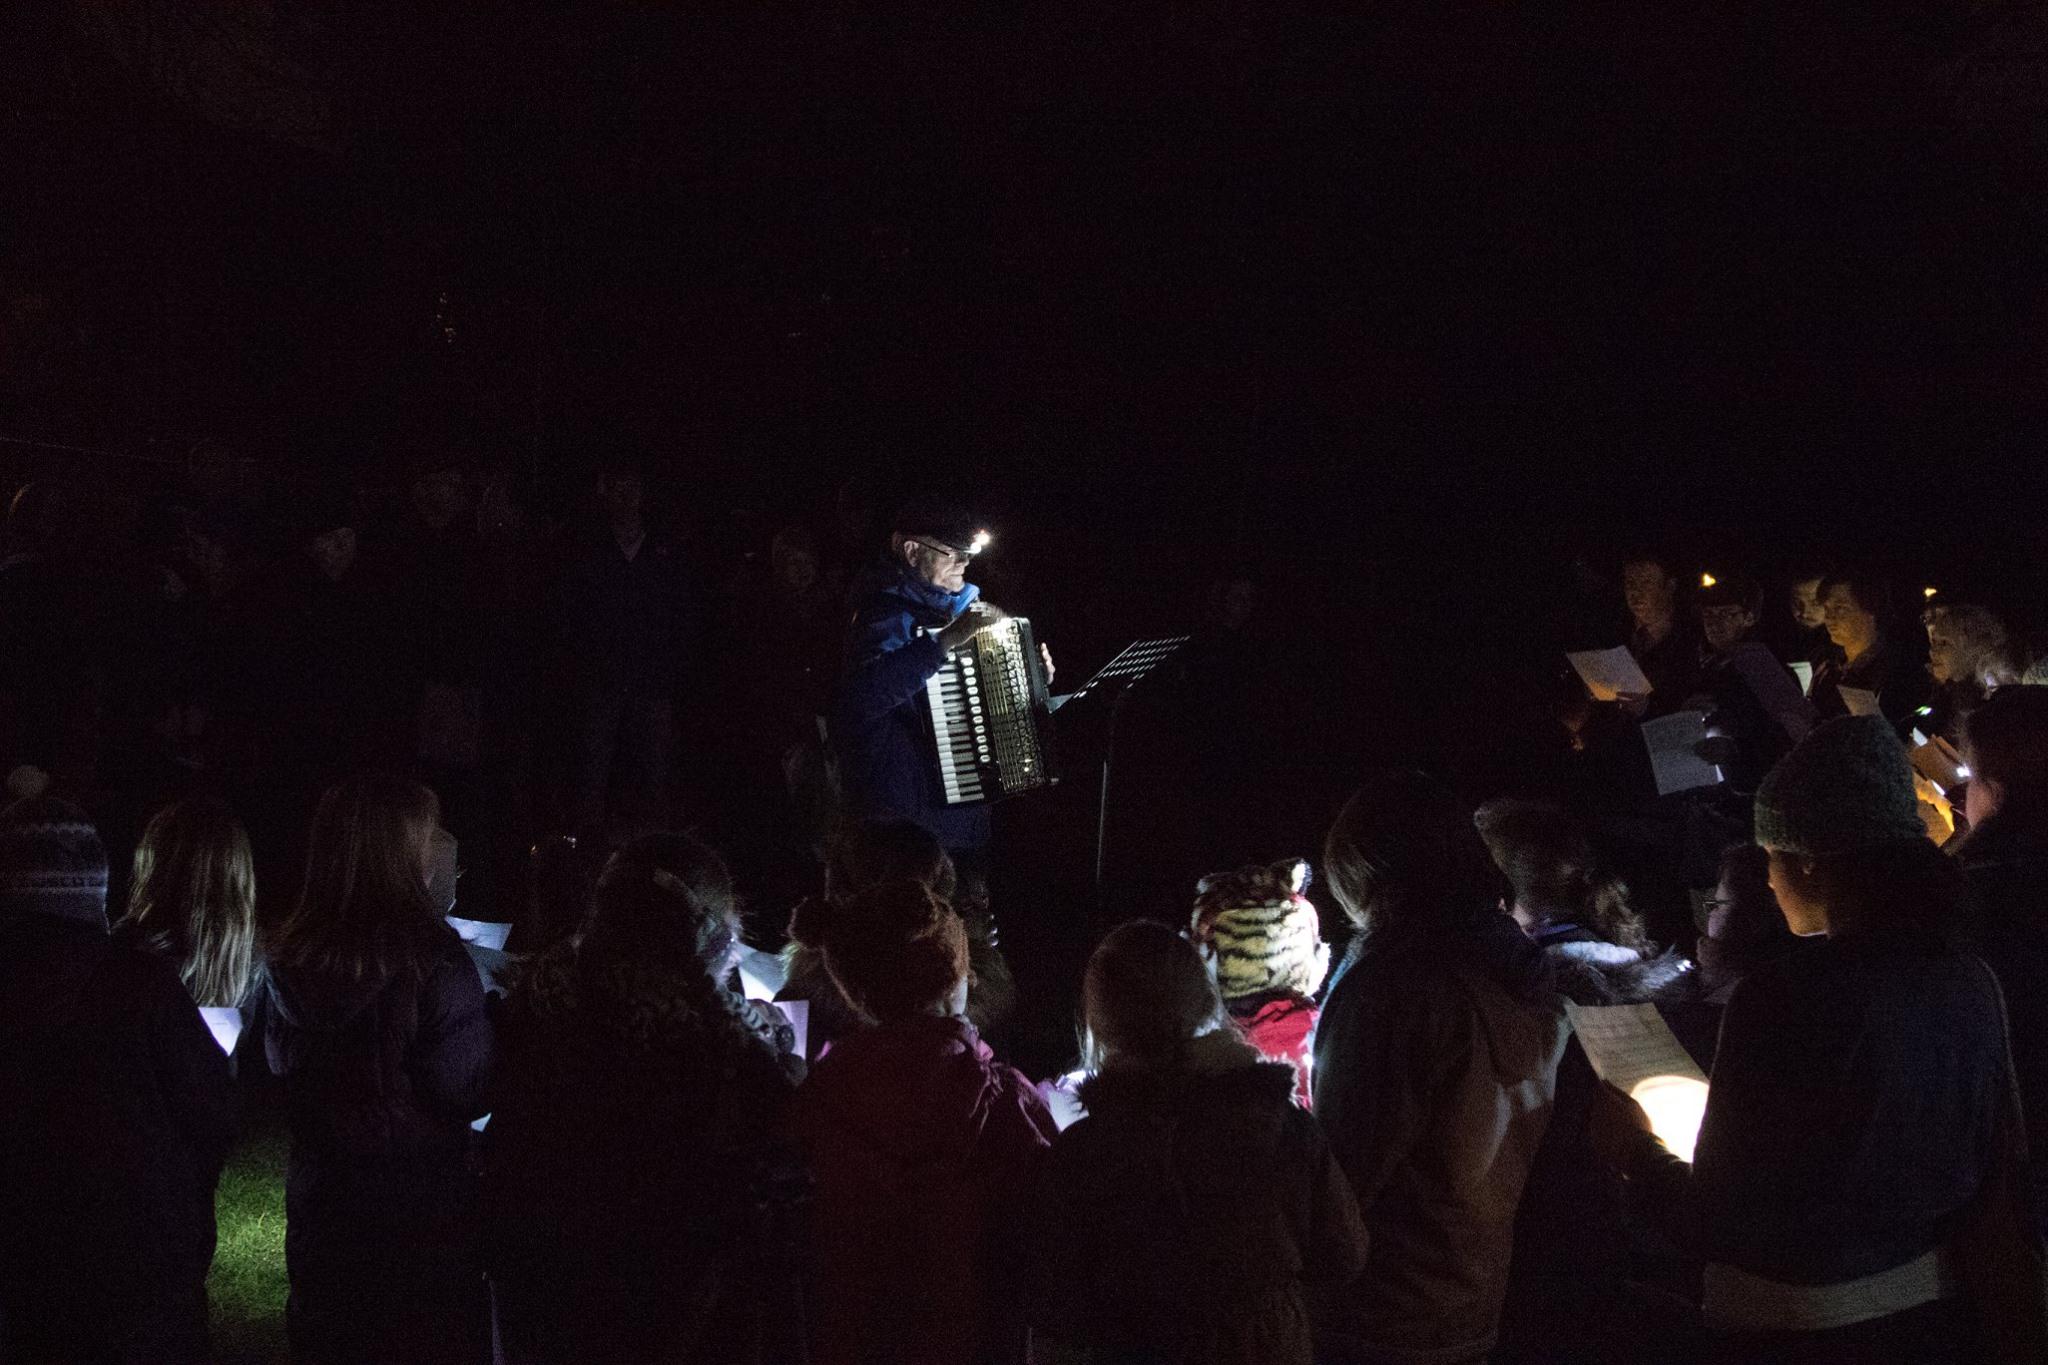 Performance at King John's Palace